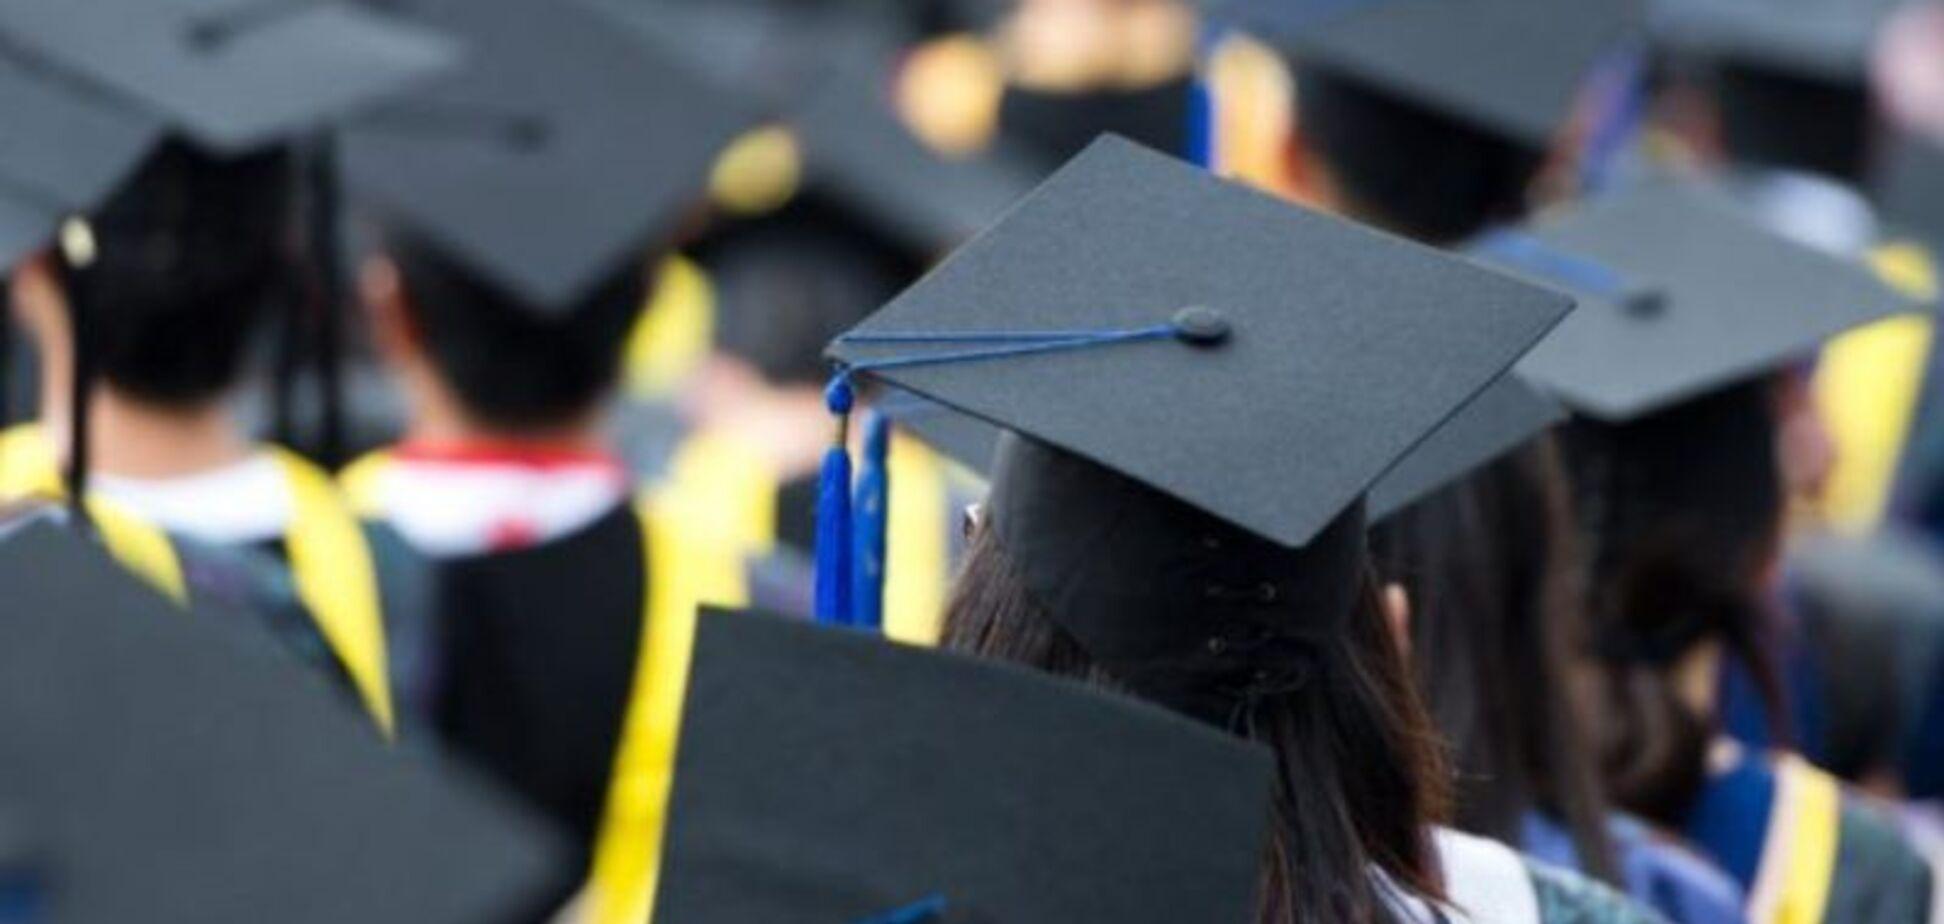 'Вузам запрещено задерживать выдачу диплома': в Минобразования прояснили ситуацию